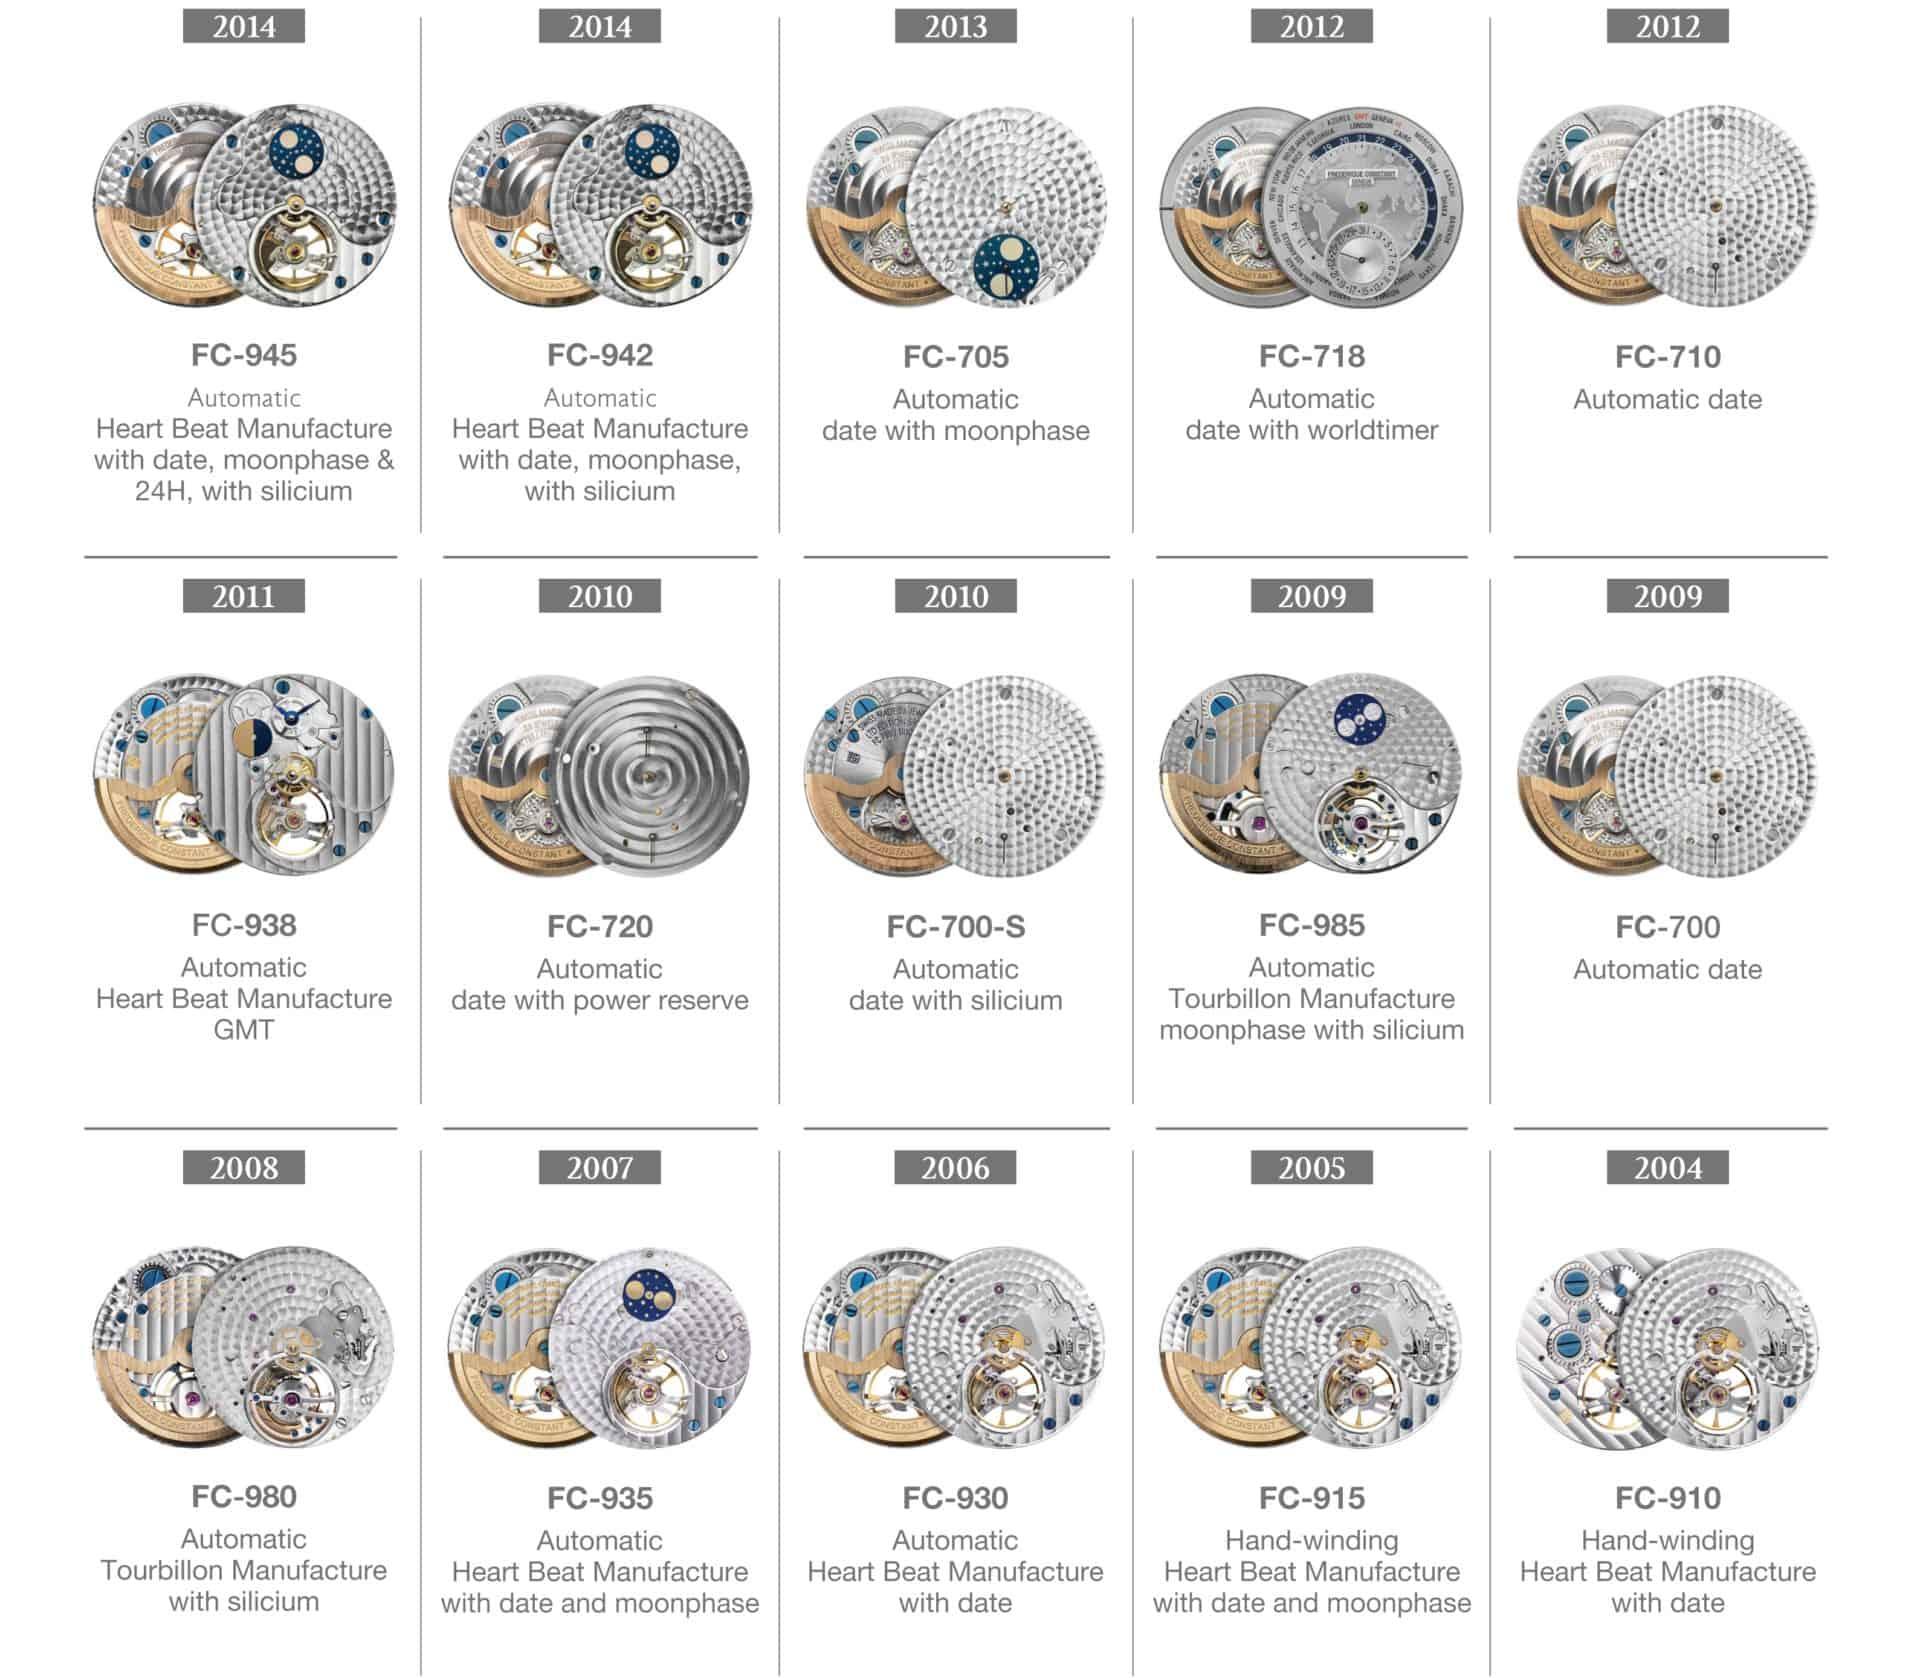 In den 10 Jahren 2004 bis 2014 präsentiere Frederique Constant insgesamt 15 Manufakturkaliber